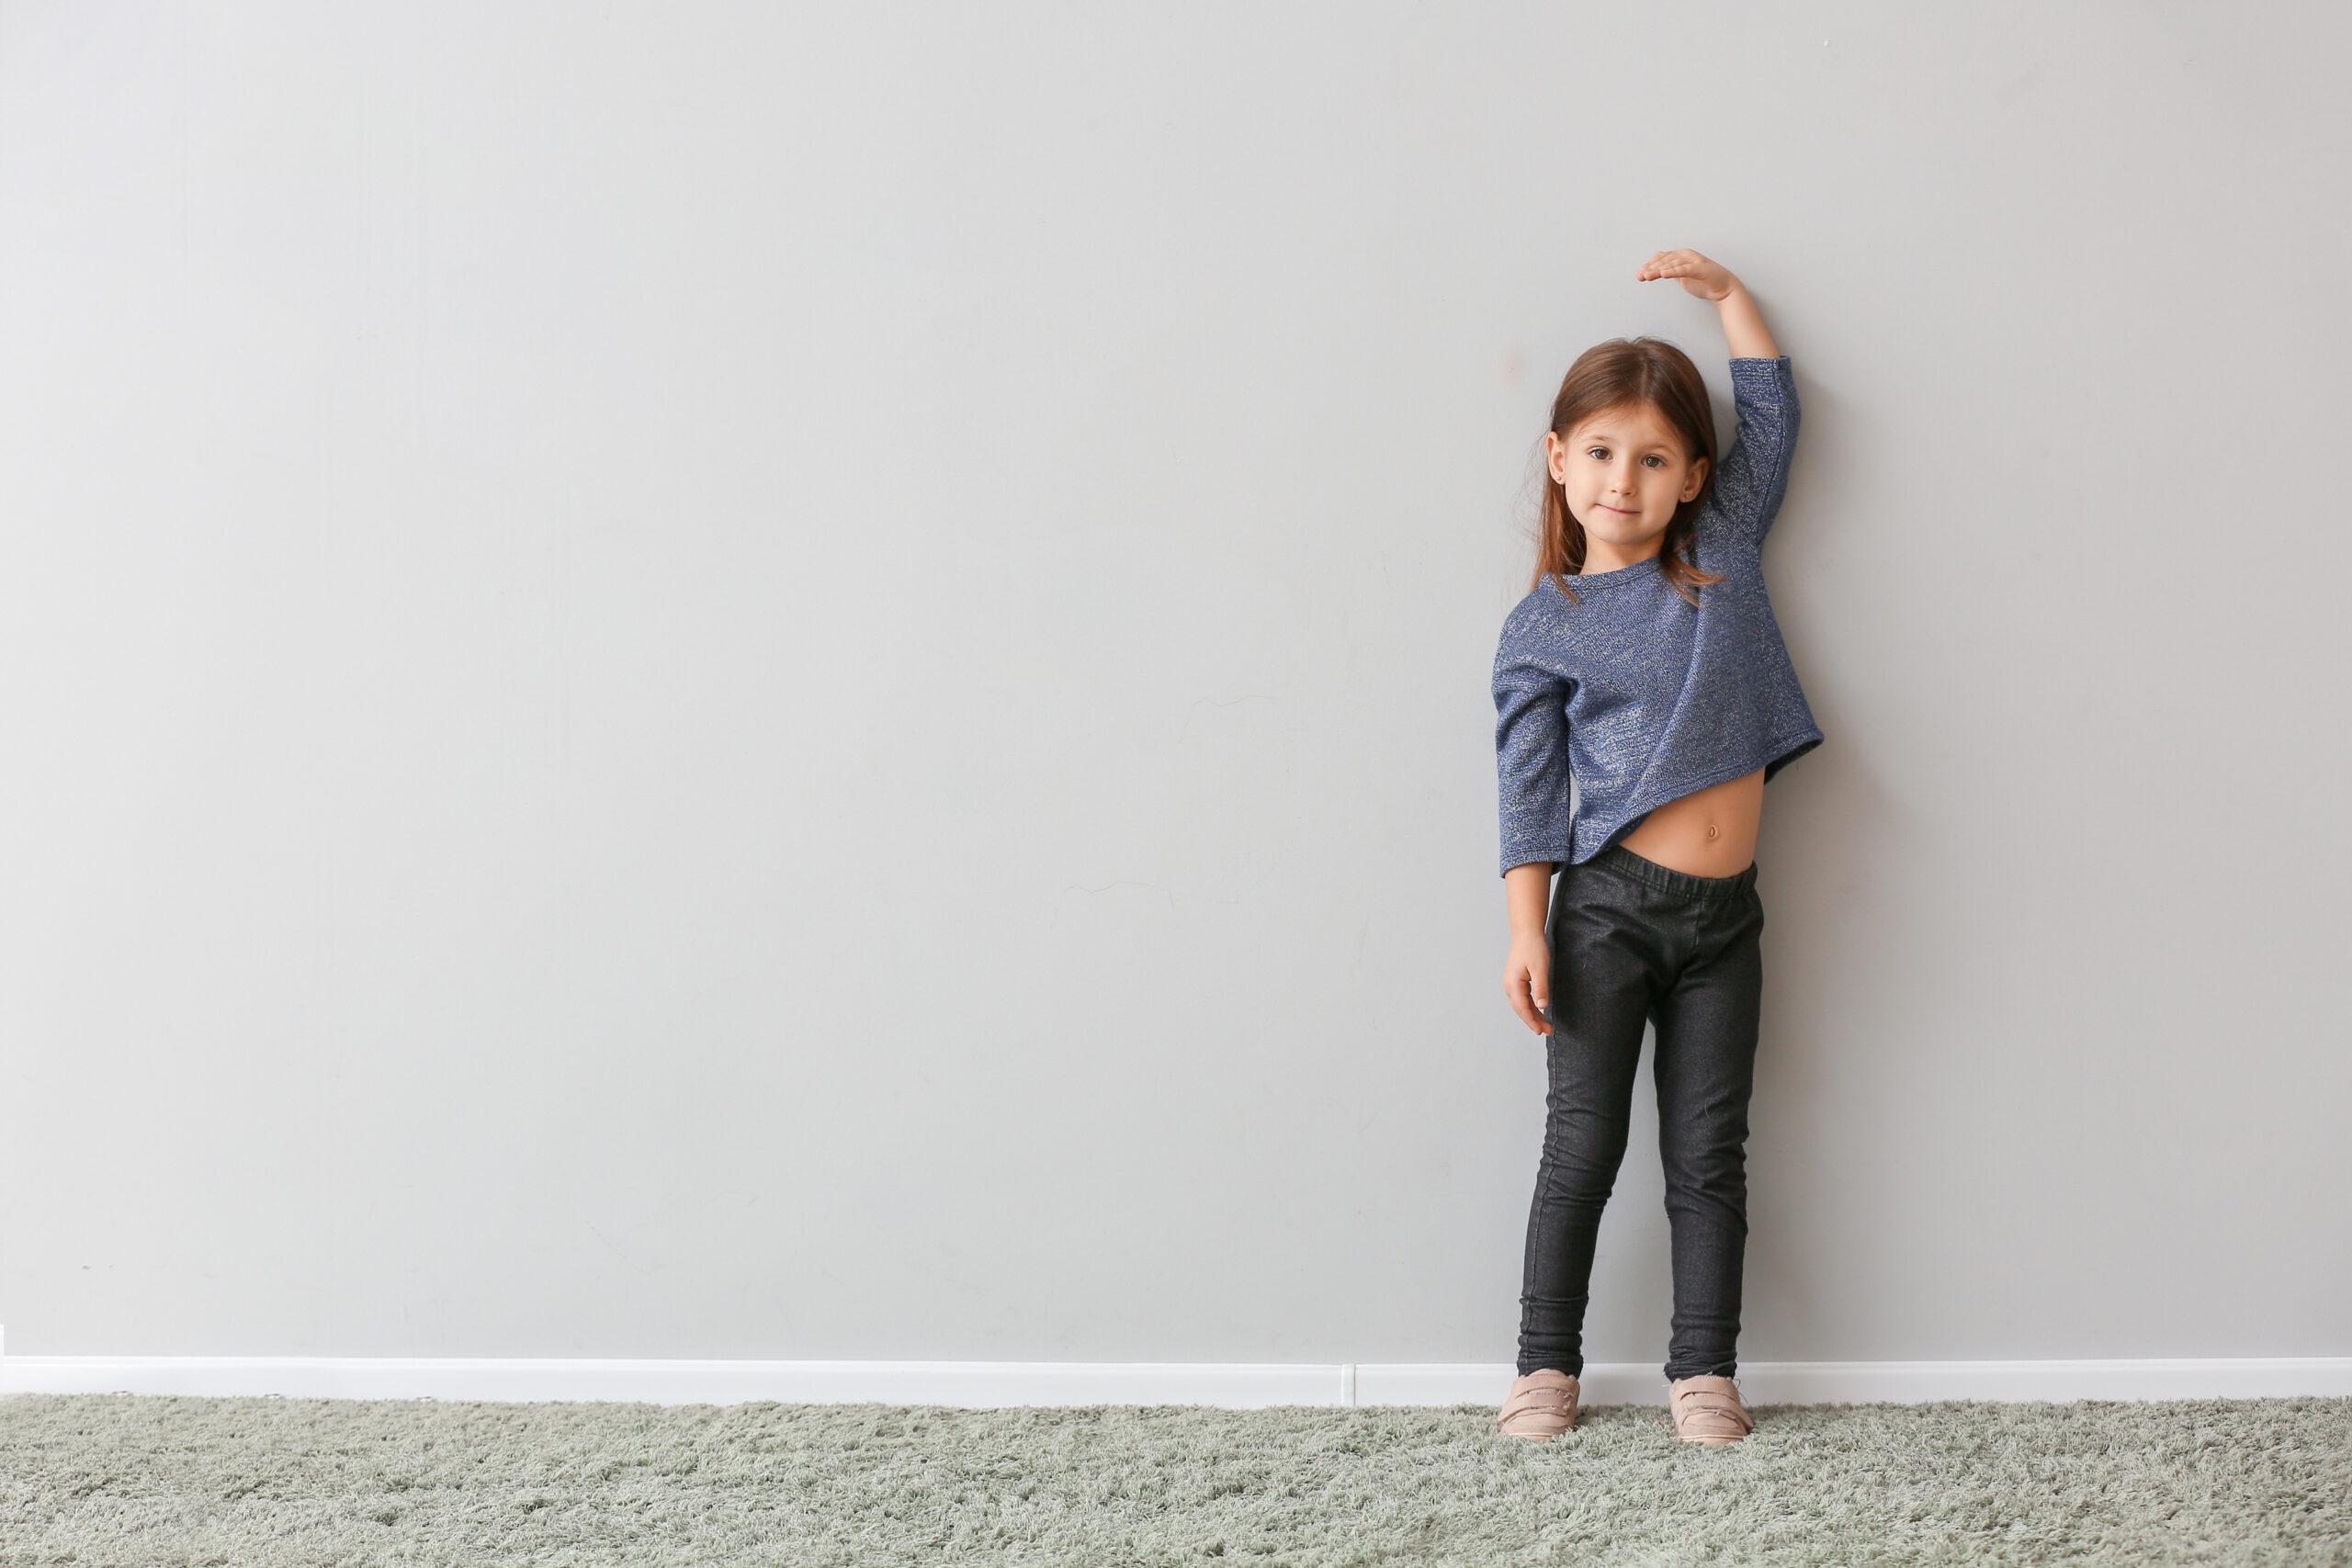 壁に背を向けて、まっすぐ立ってみて